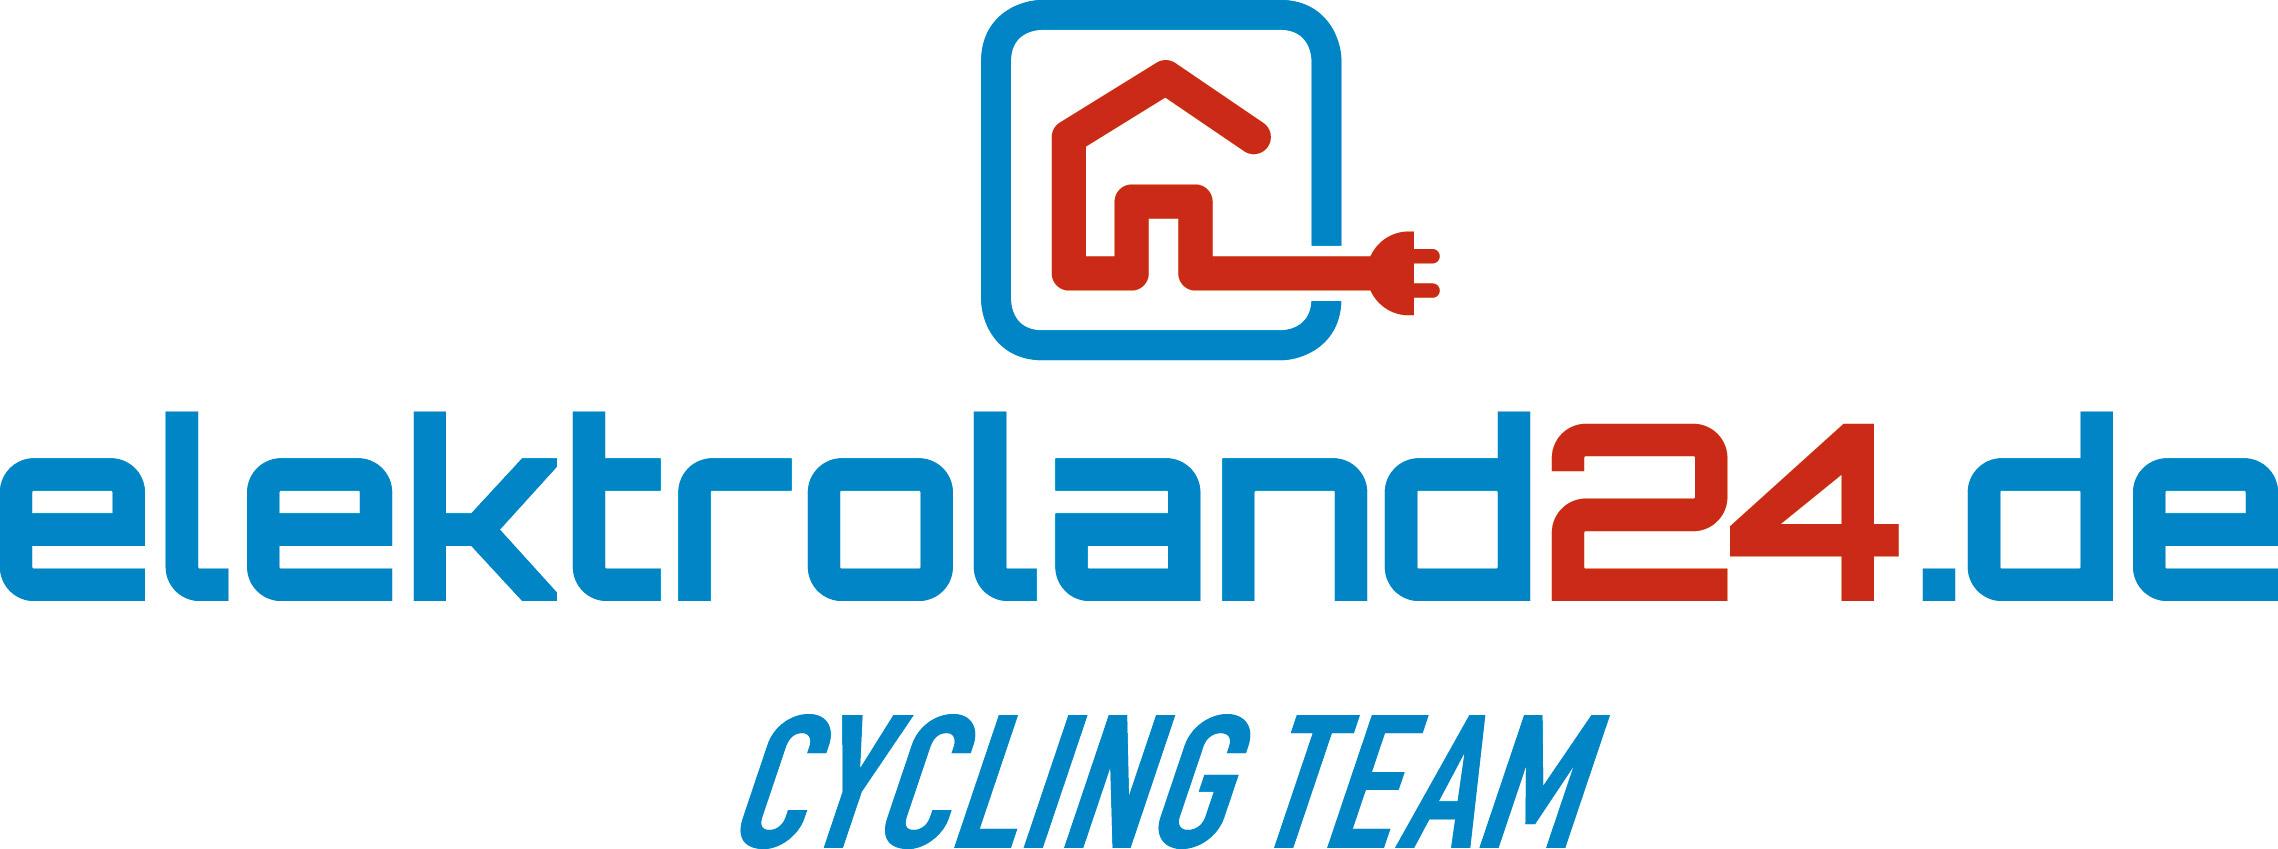 Elektroland24 Cycling Team